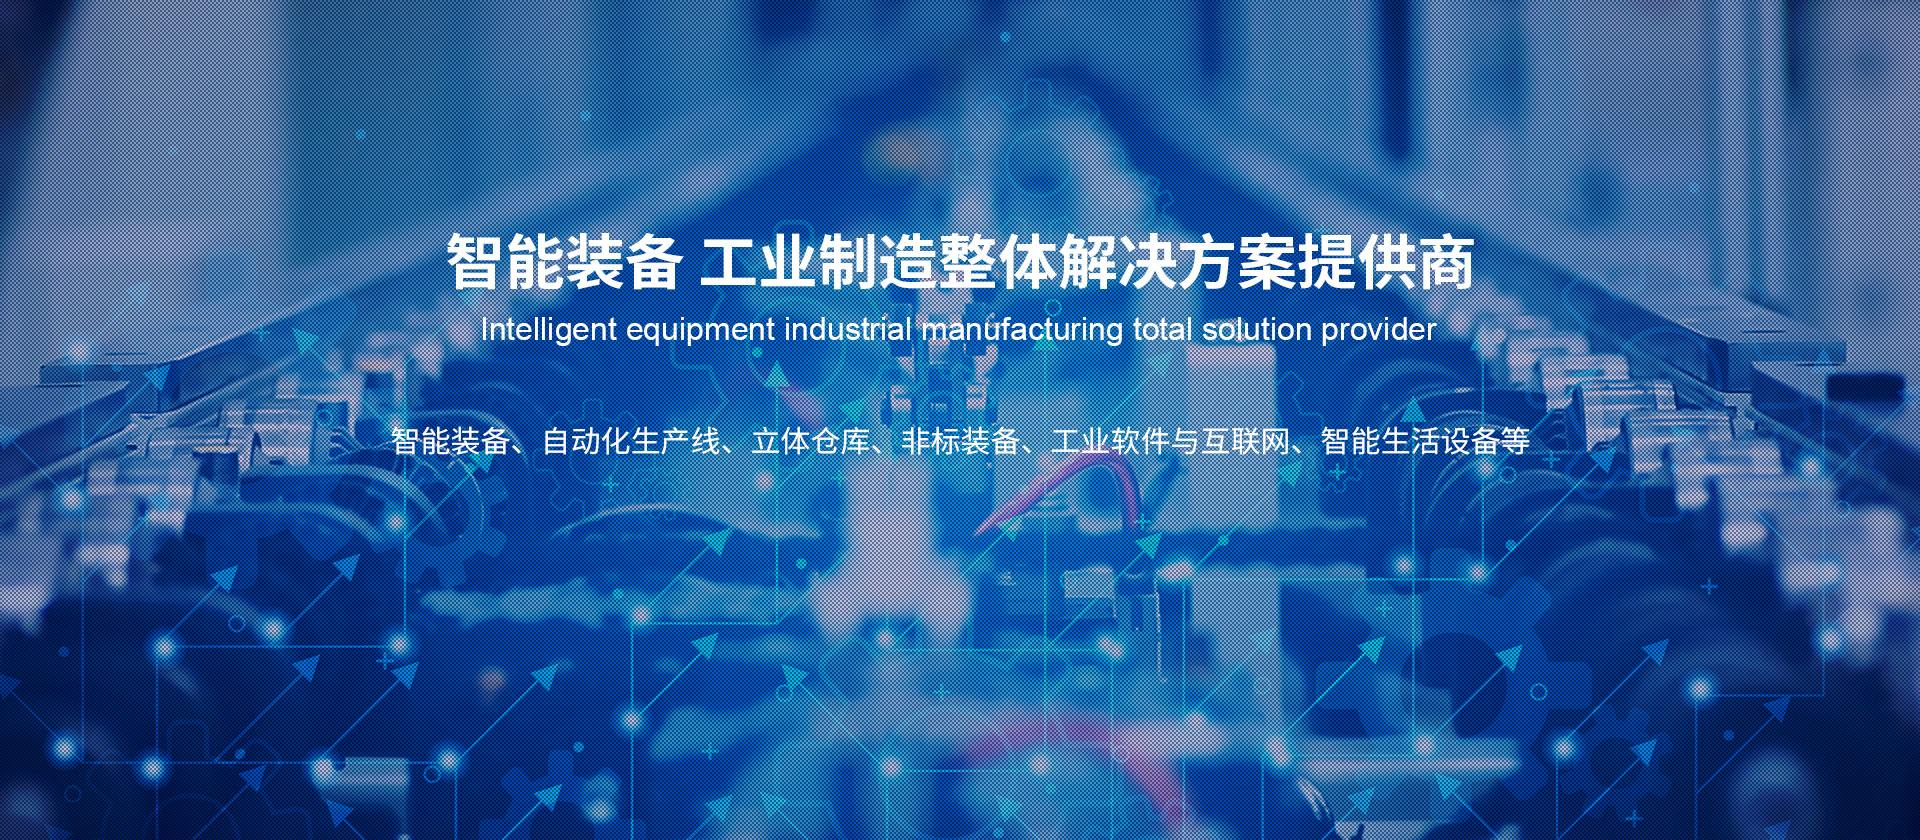 智能装备 工业制造整体解决方案提供商